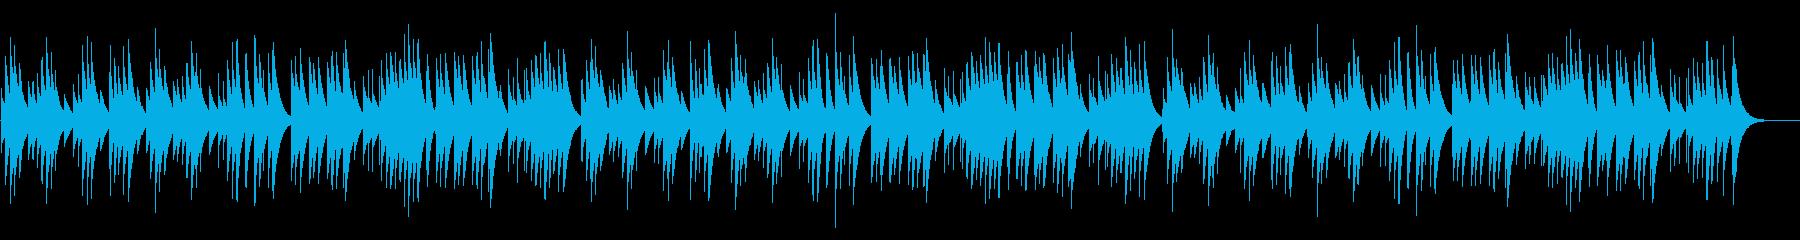 ジングルベル カード式オルゴールの再生済みの波形